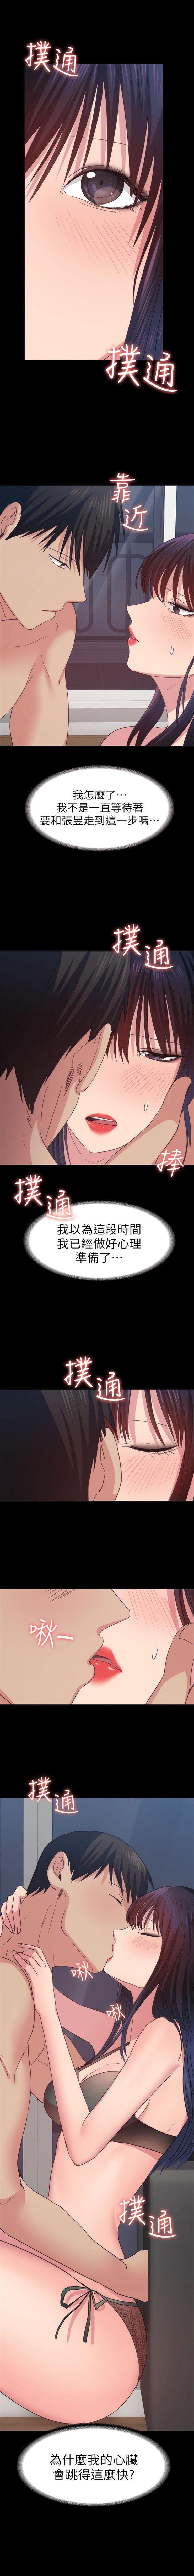 (周2)退货女友 1-23 中文翻译(更新中) 117